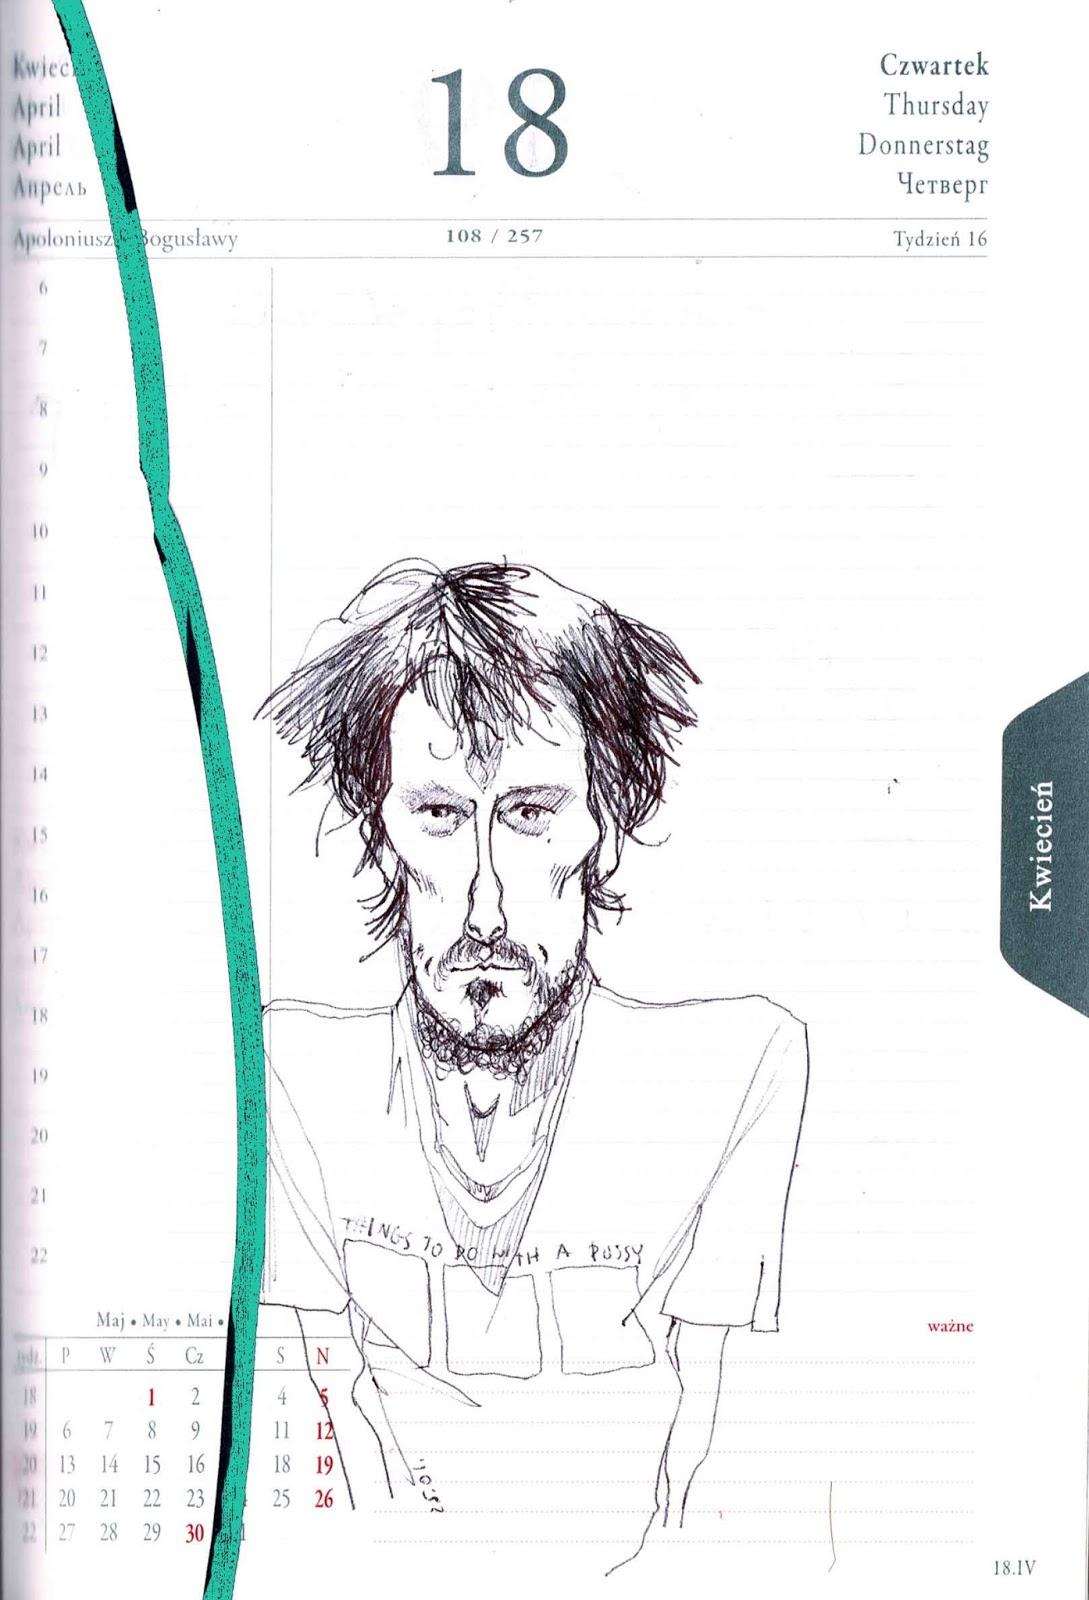 ilustracja karykatura Urbaniak illustration in speed sketch book caricature pen